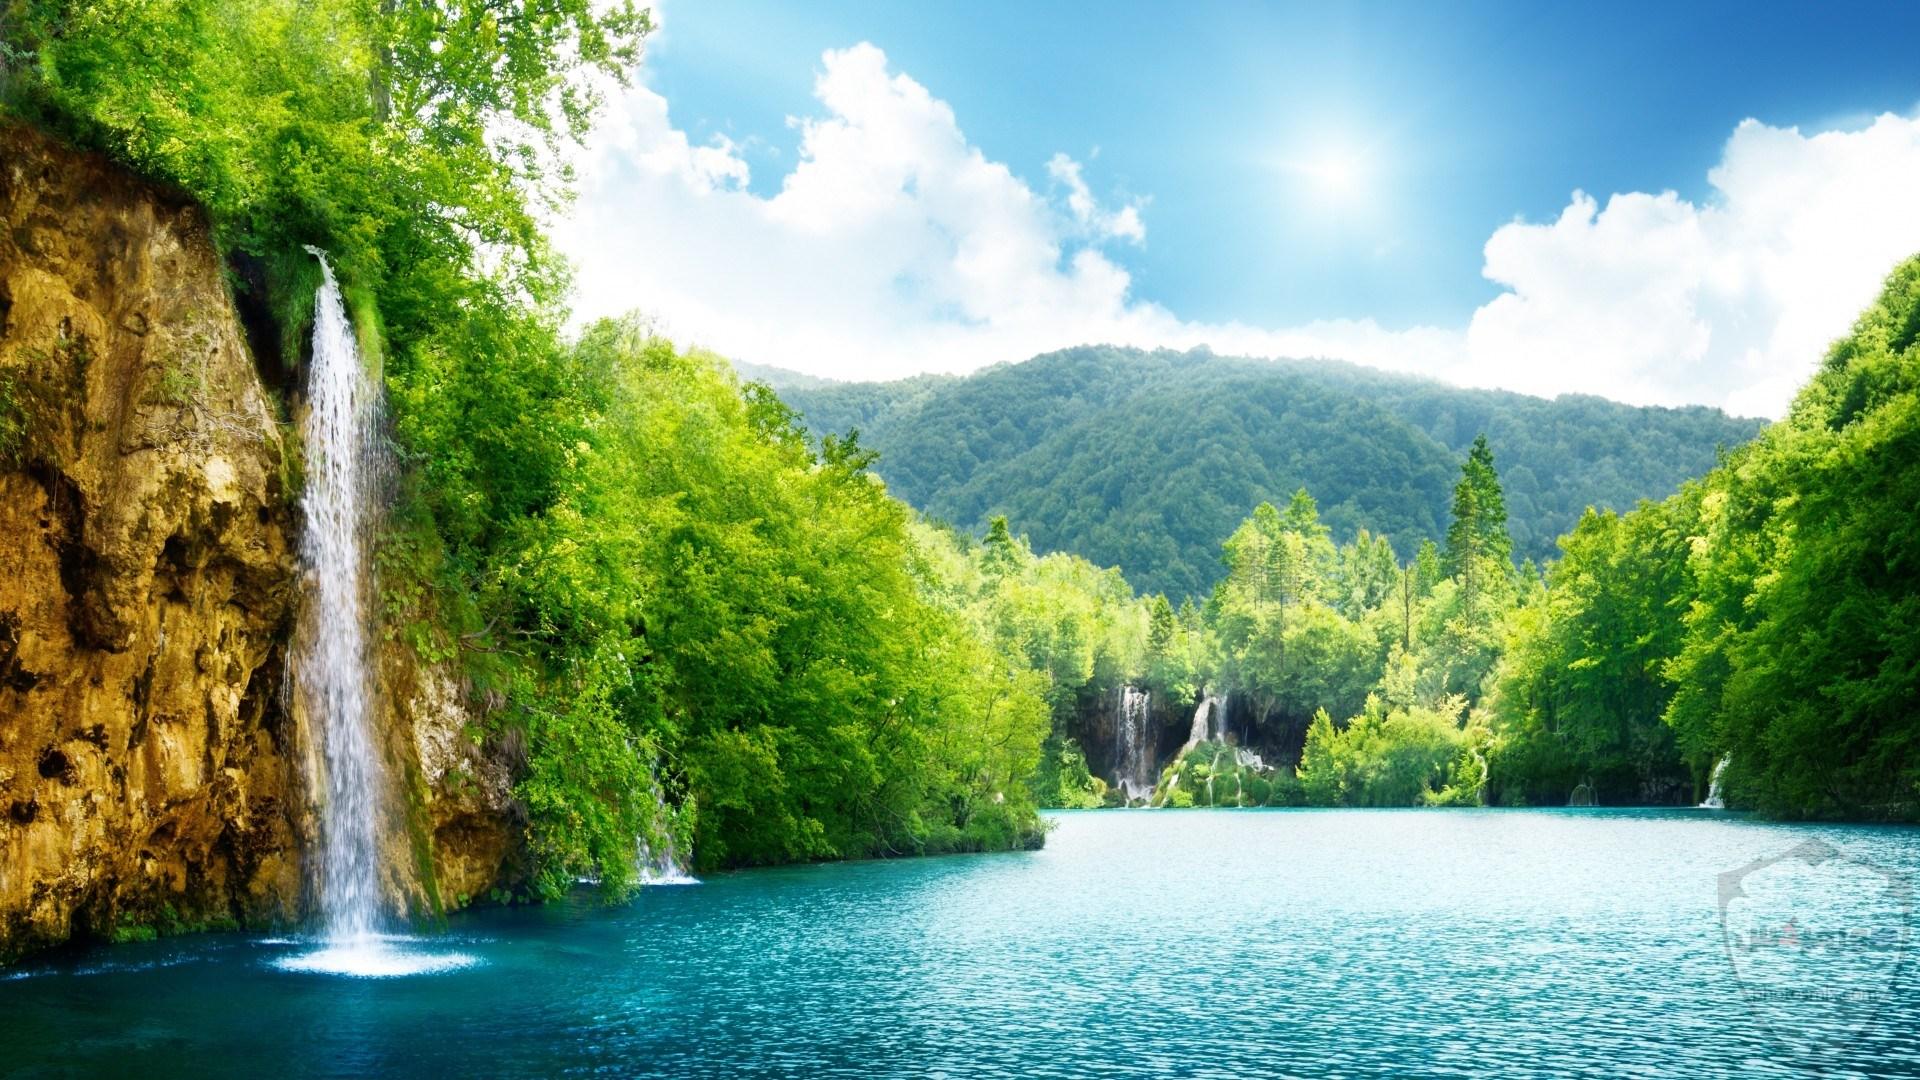 الطبيعة الخلابة أنواع الطبيعة خلفيات طبيعة طبيعة خلابة 14